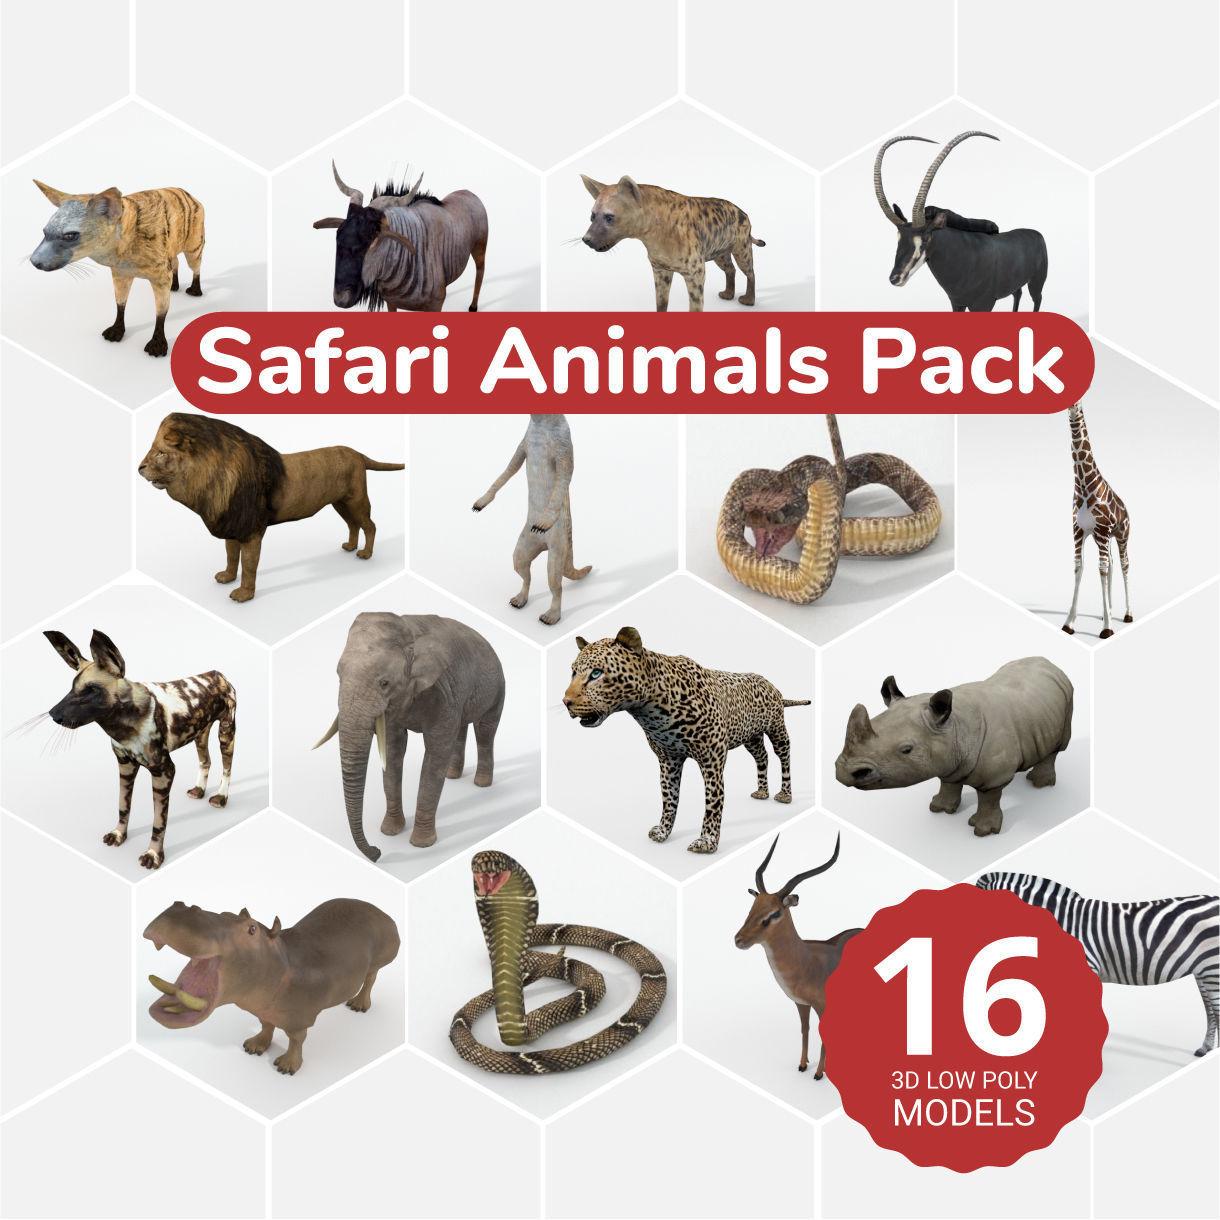 16 African Safari Pack